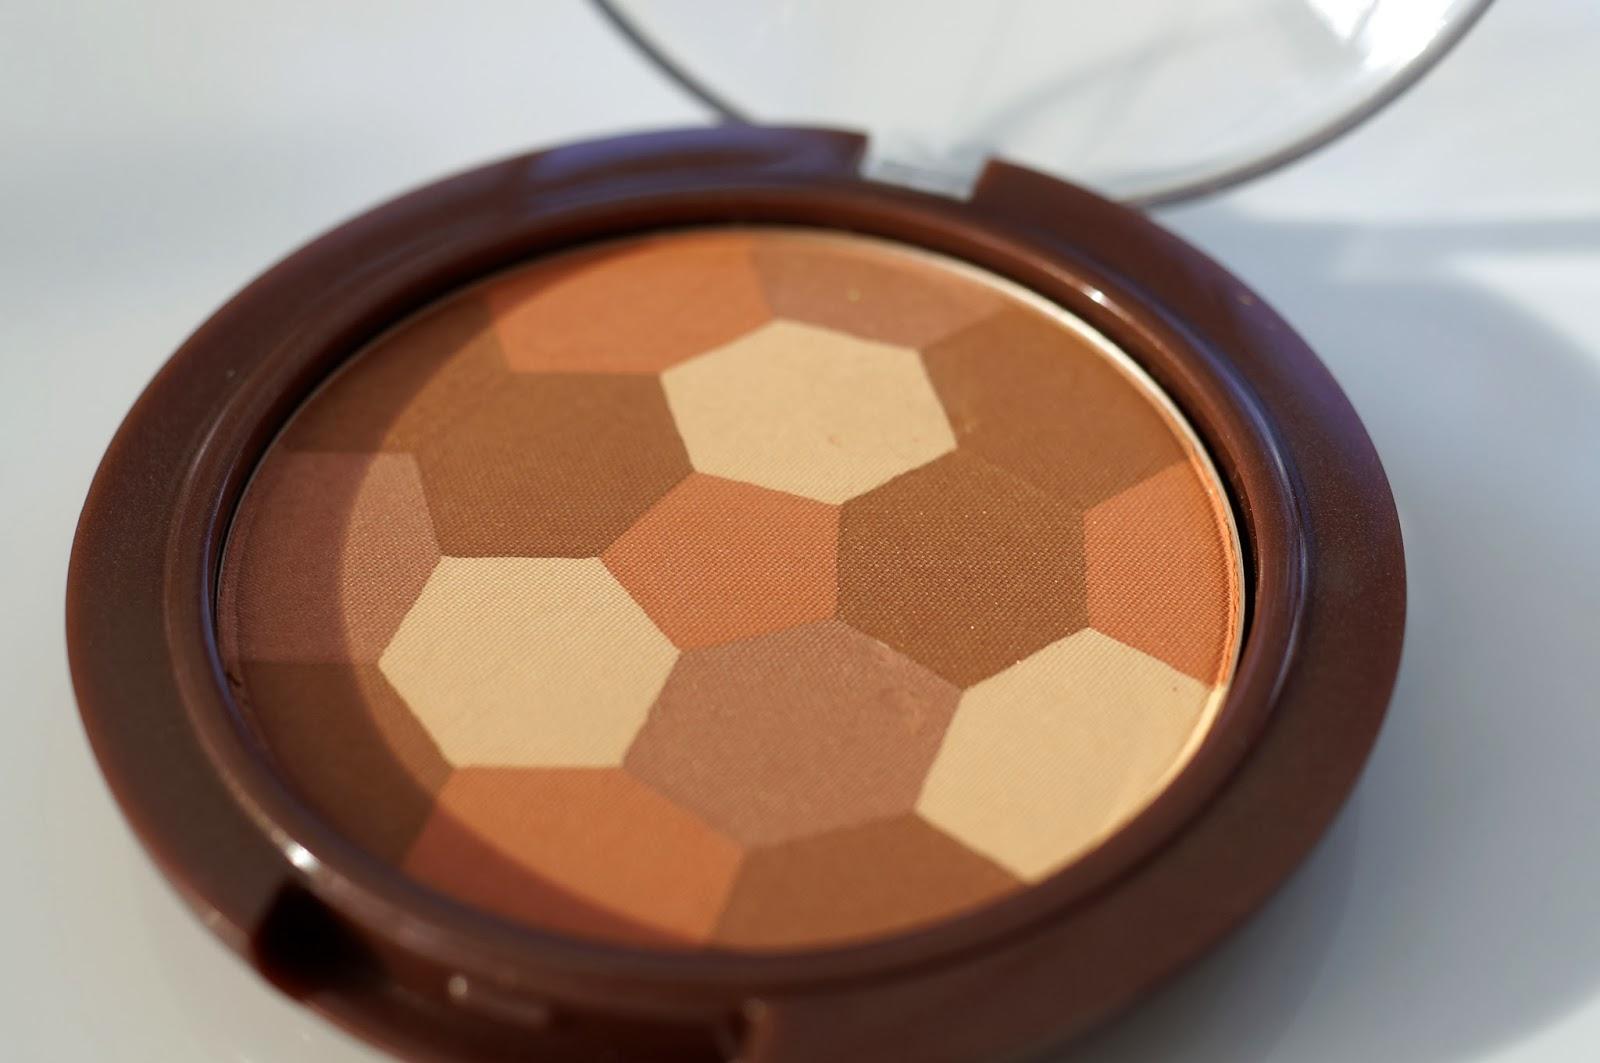 he-shi bronzing powder